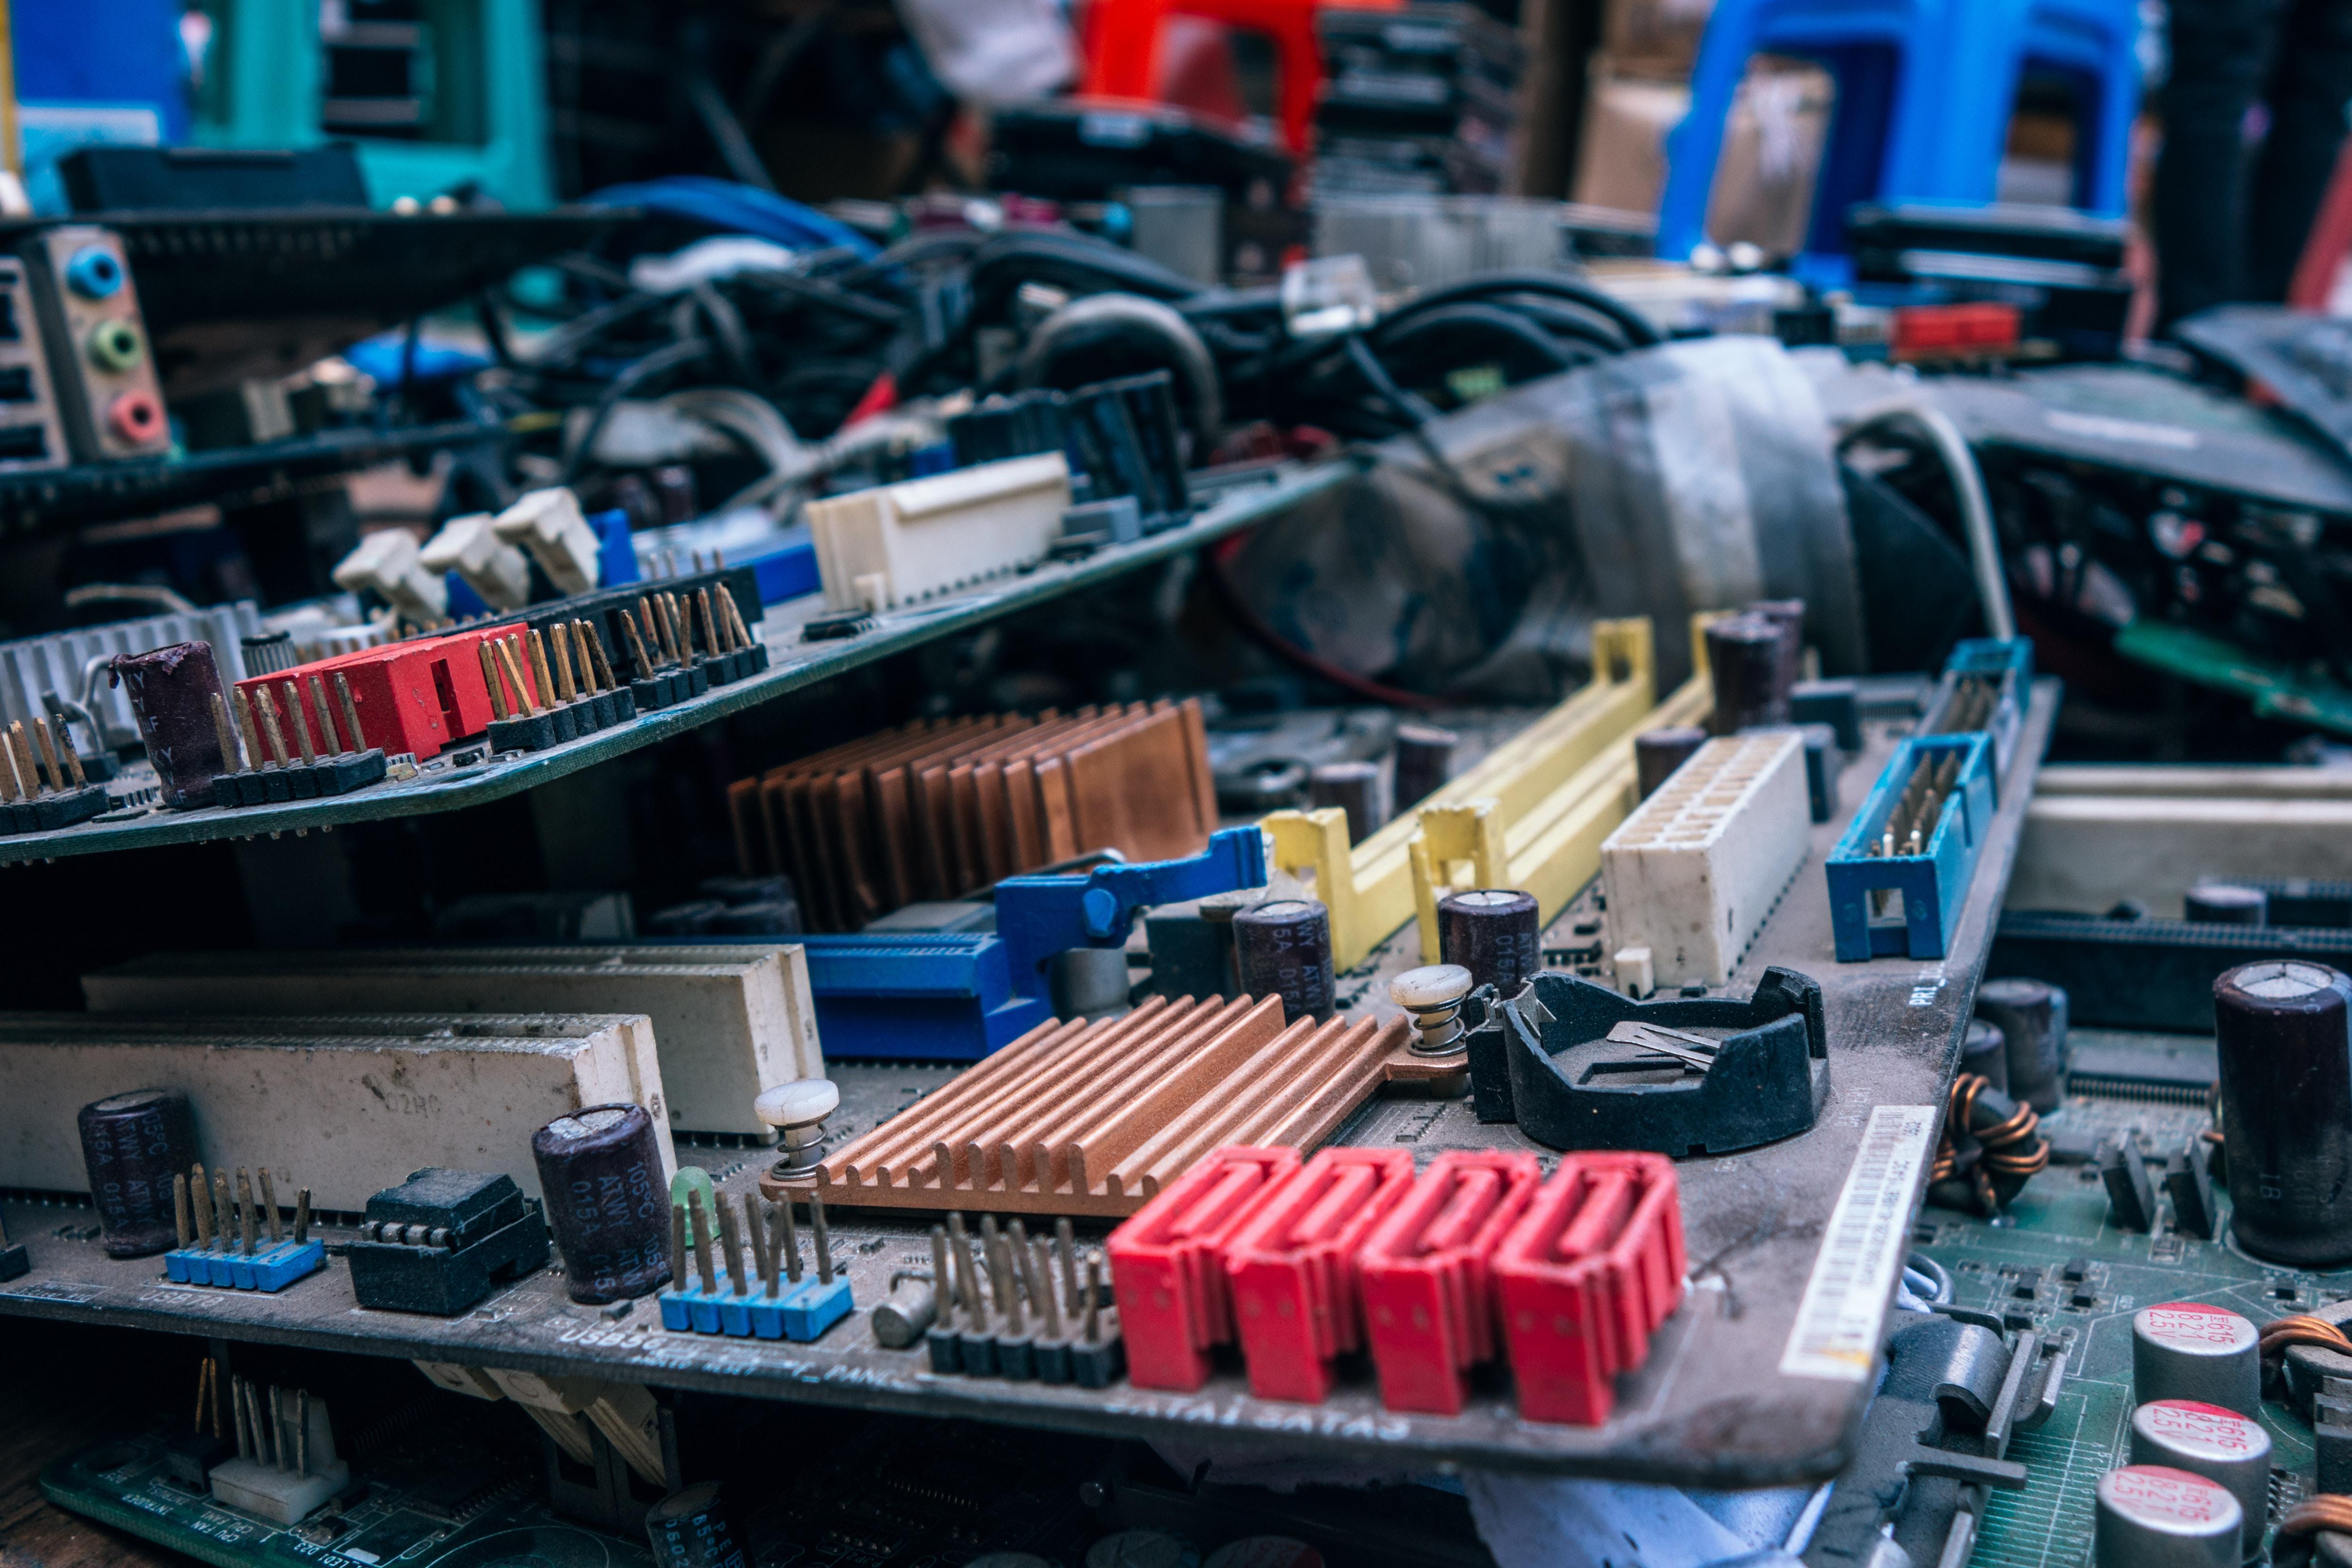 Proyecto con Arduino: 'fading' de LEDs